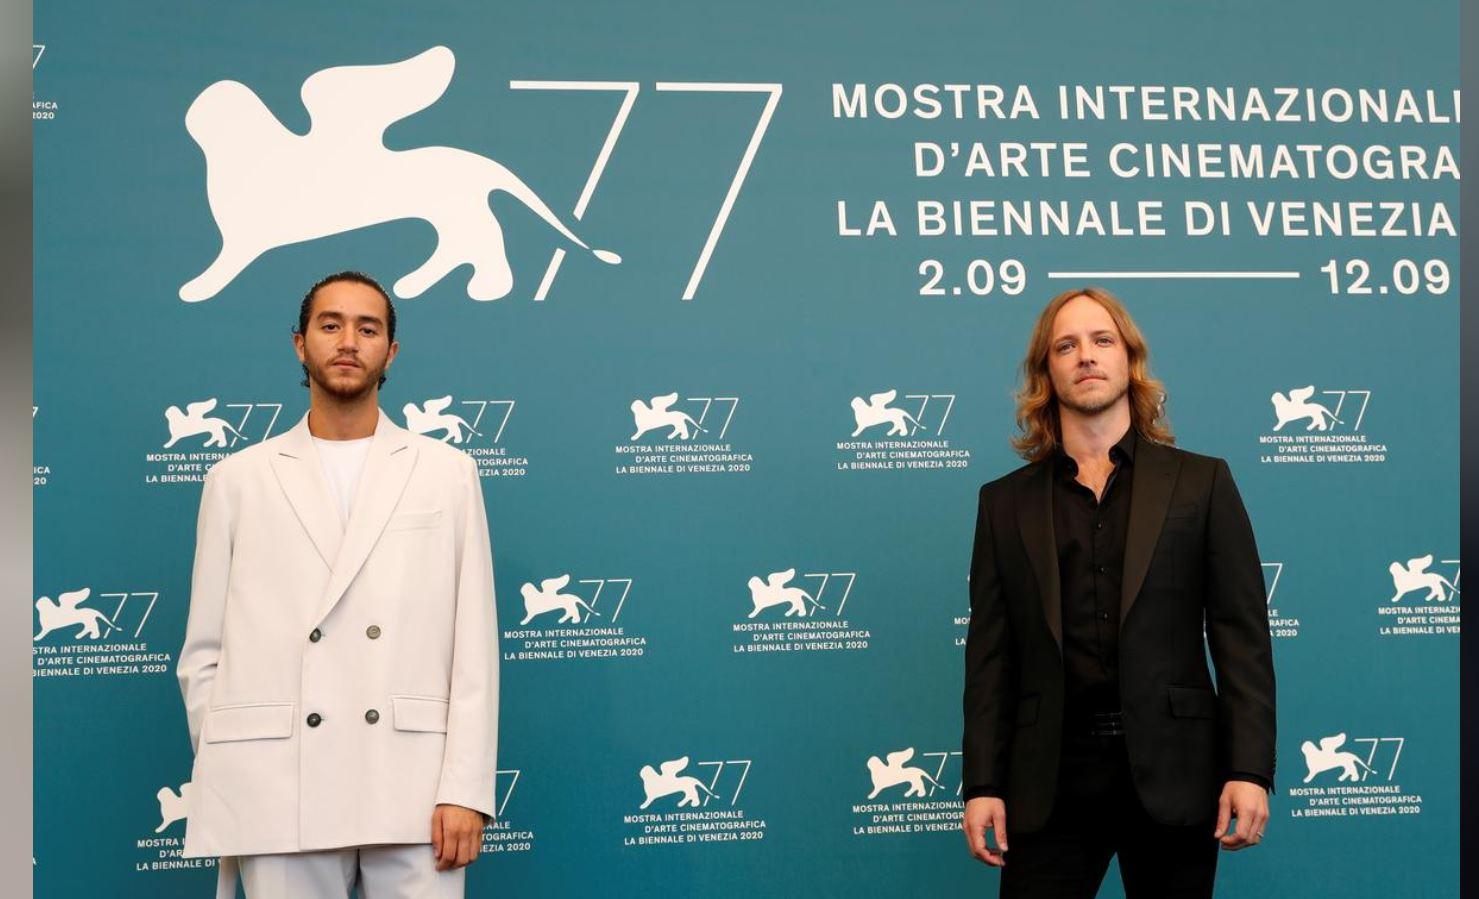 Australian film-maker braves double Covid quarantine for Venice festival